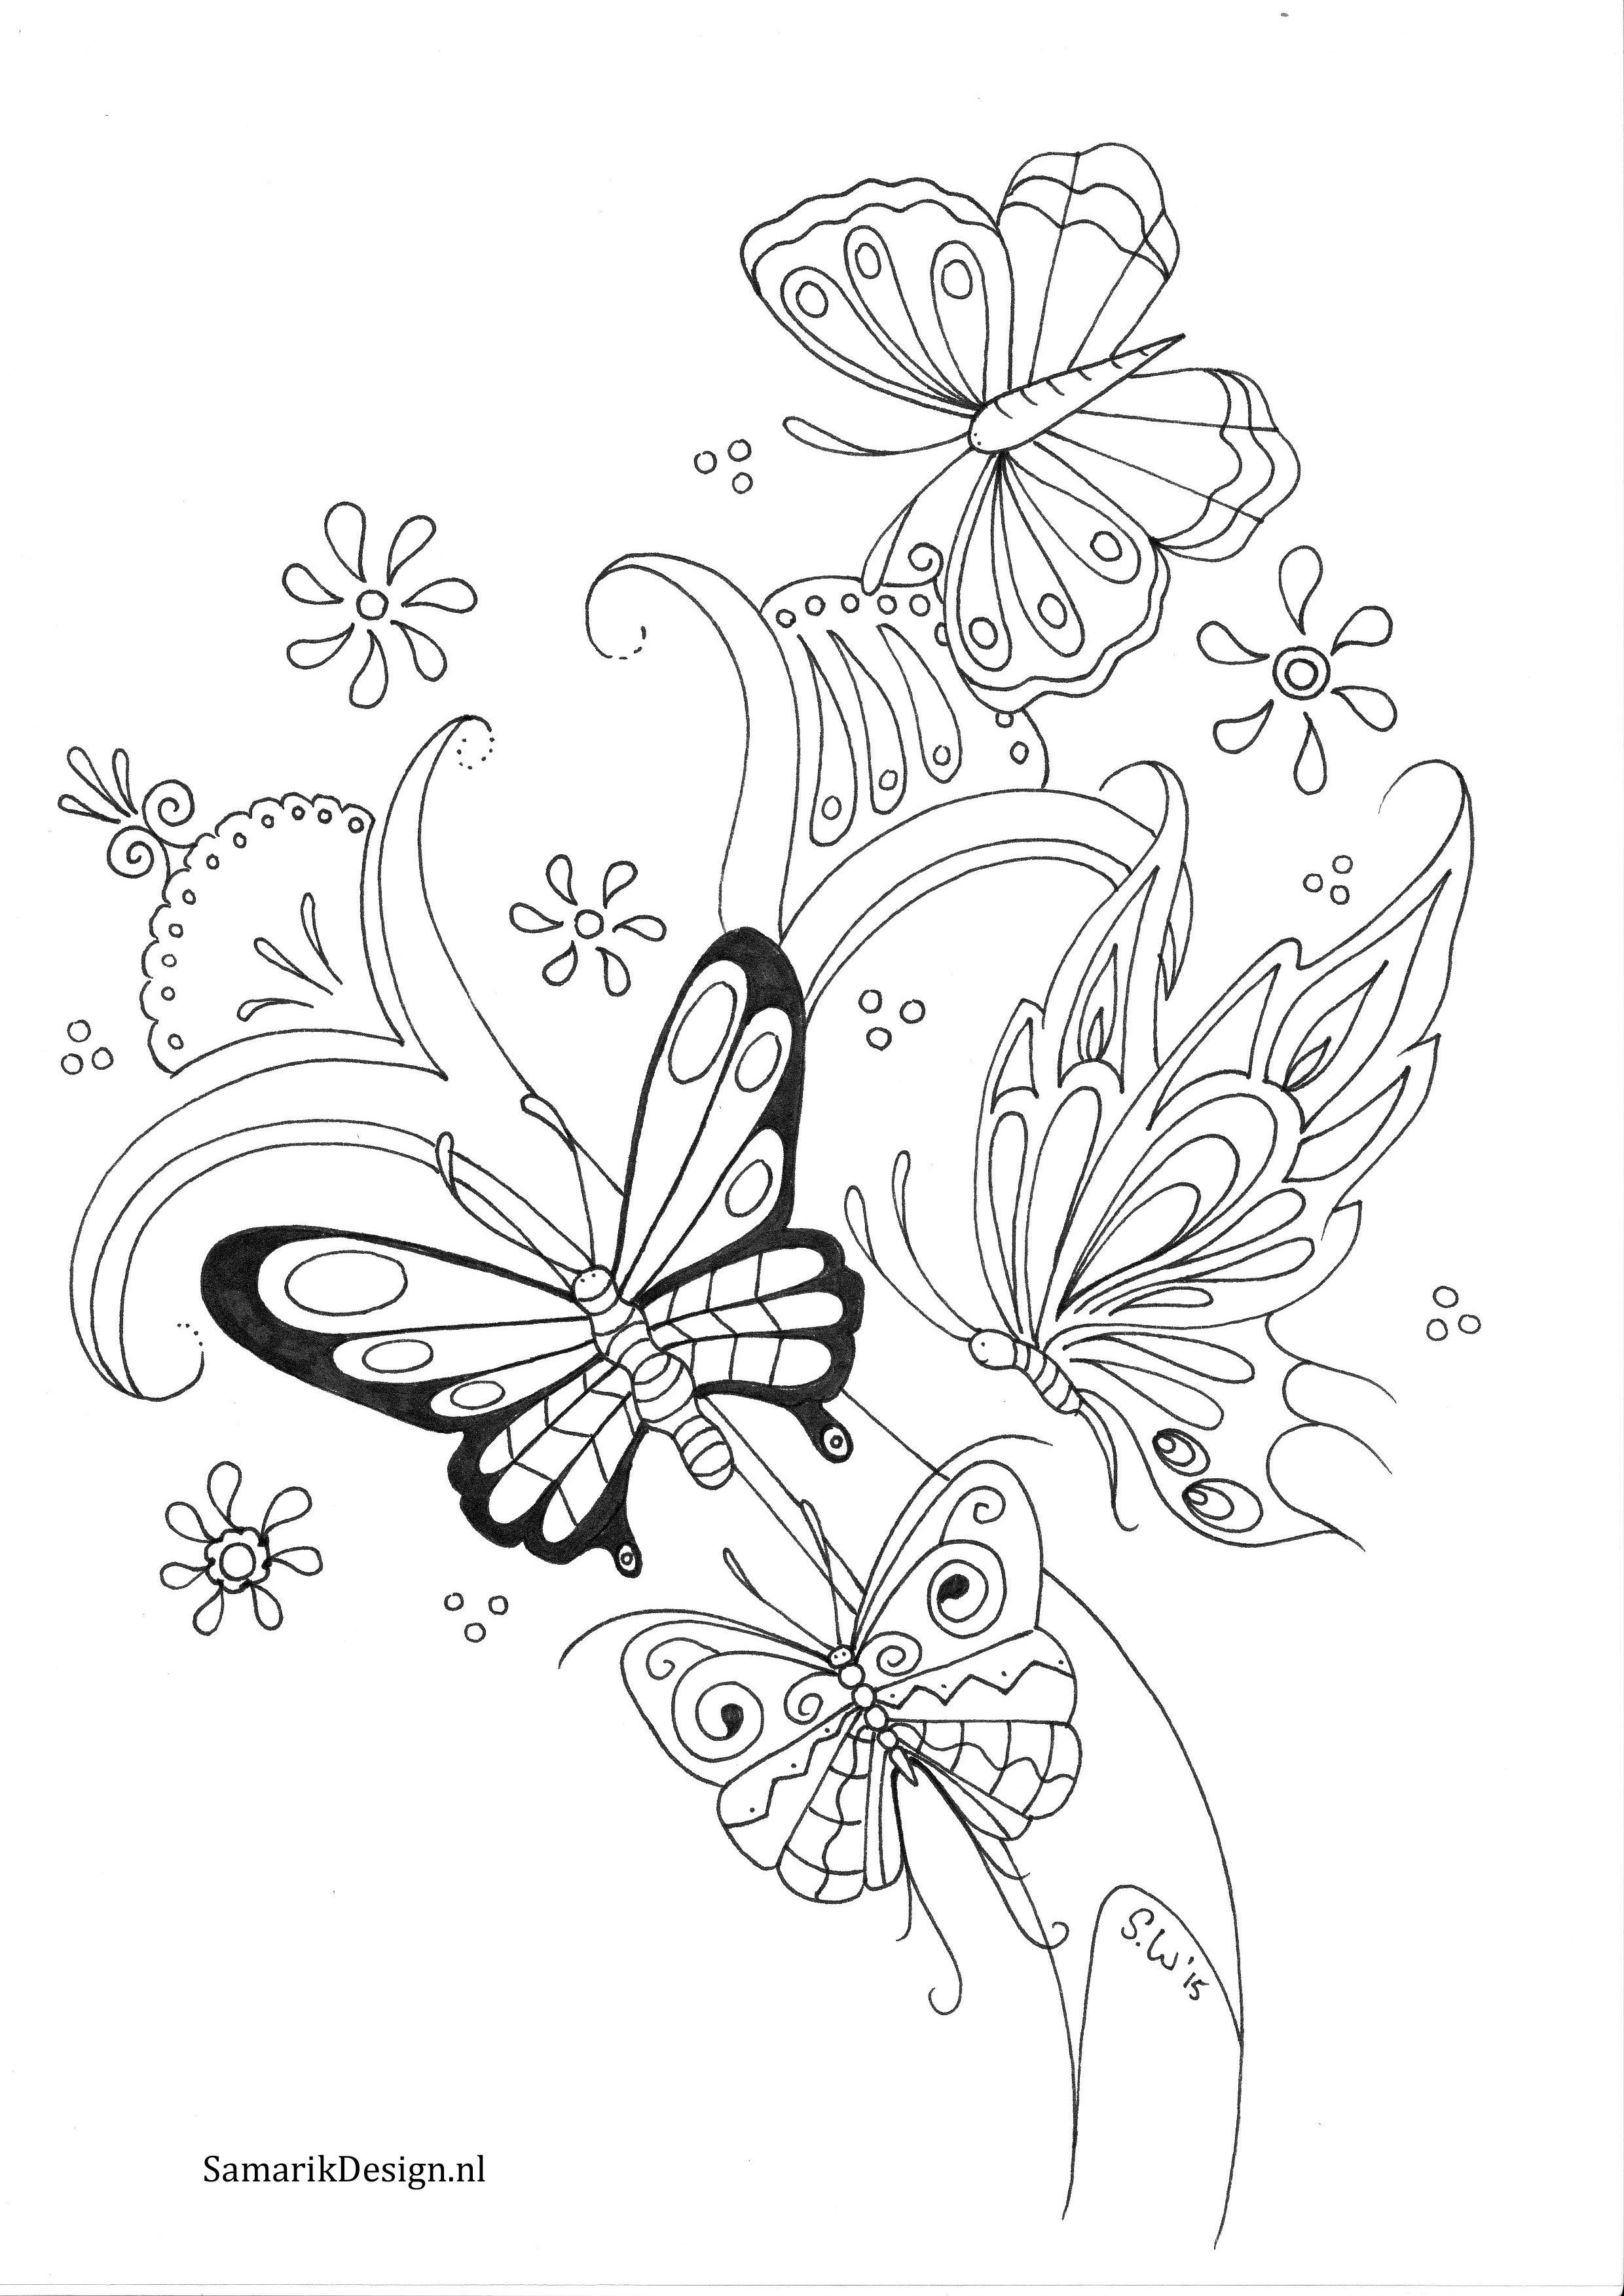 Schmetterling Auf Blume Ausmalbilder : Kleurplaat Voor Volwassenen Butterflies Coloring In Pages